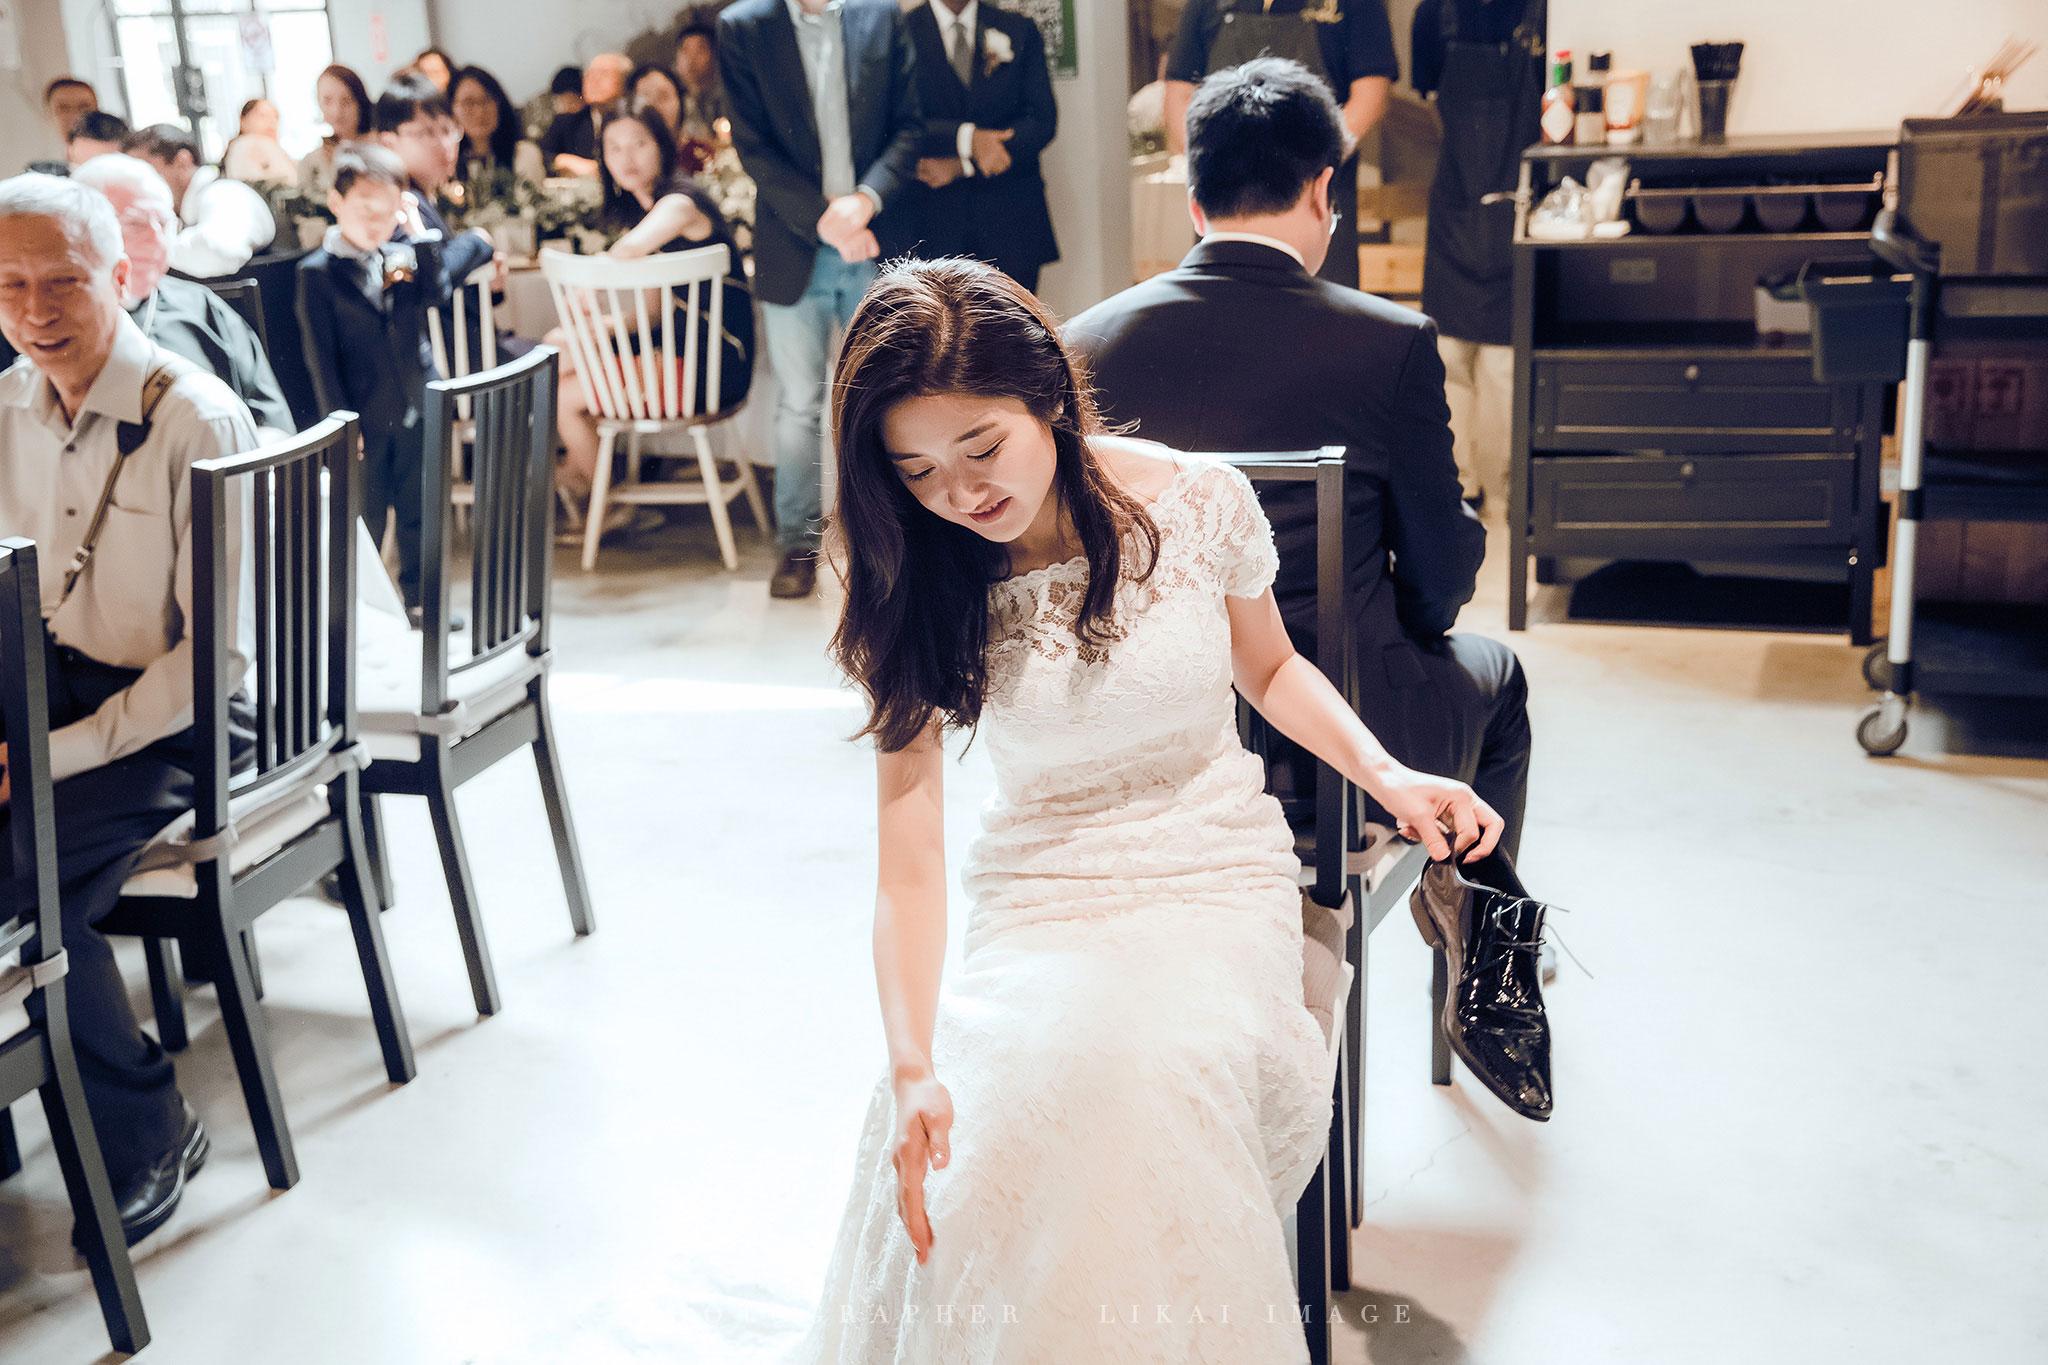 婚禮紀錄 - Helen & Kendrick - 美軍俱樂部